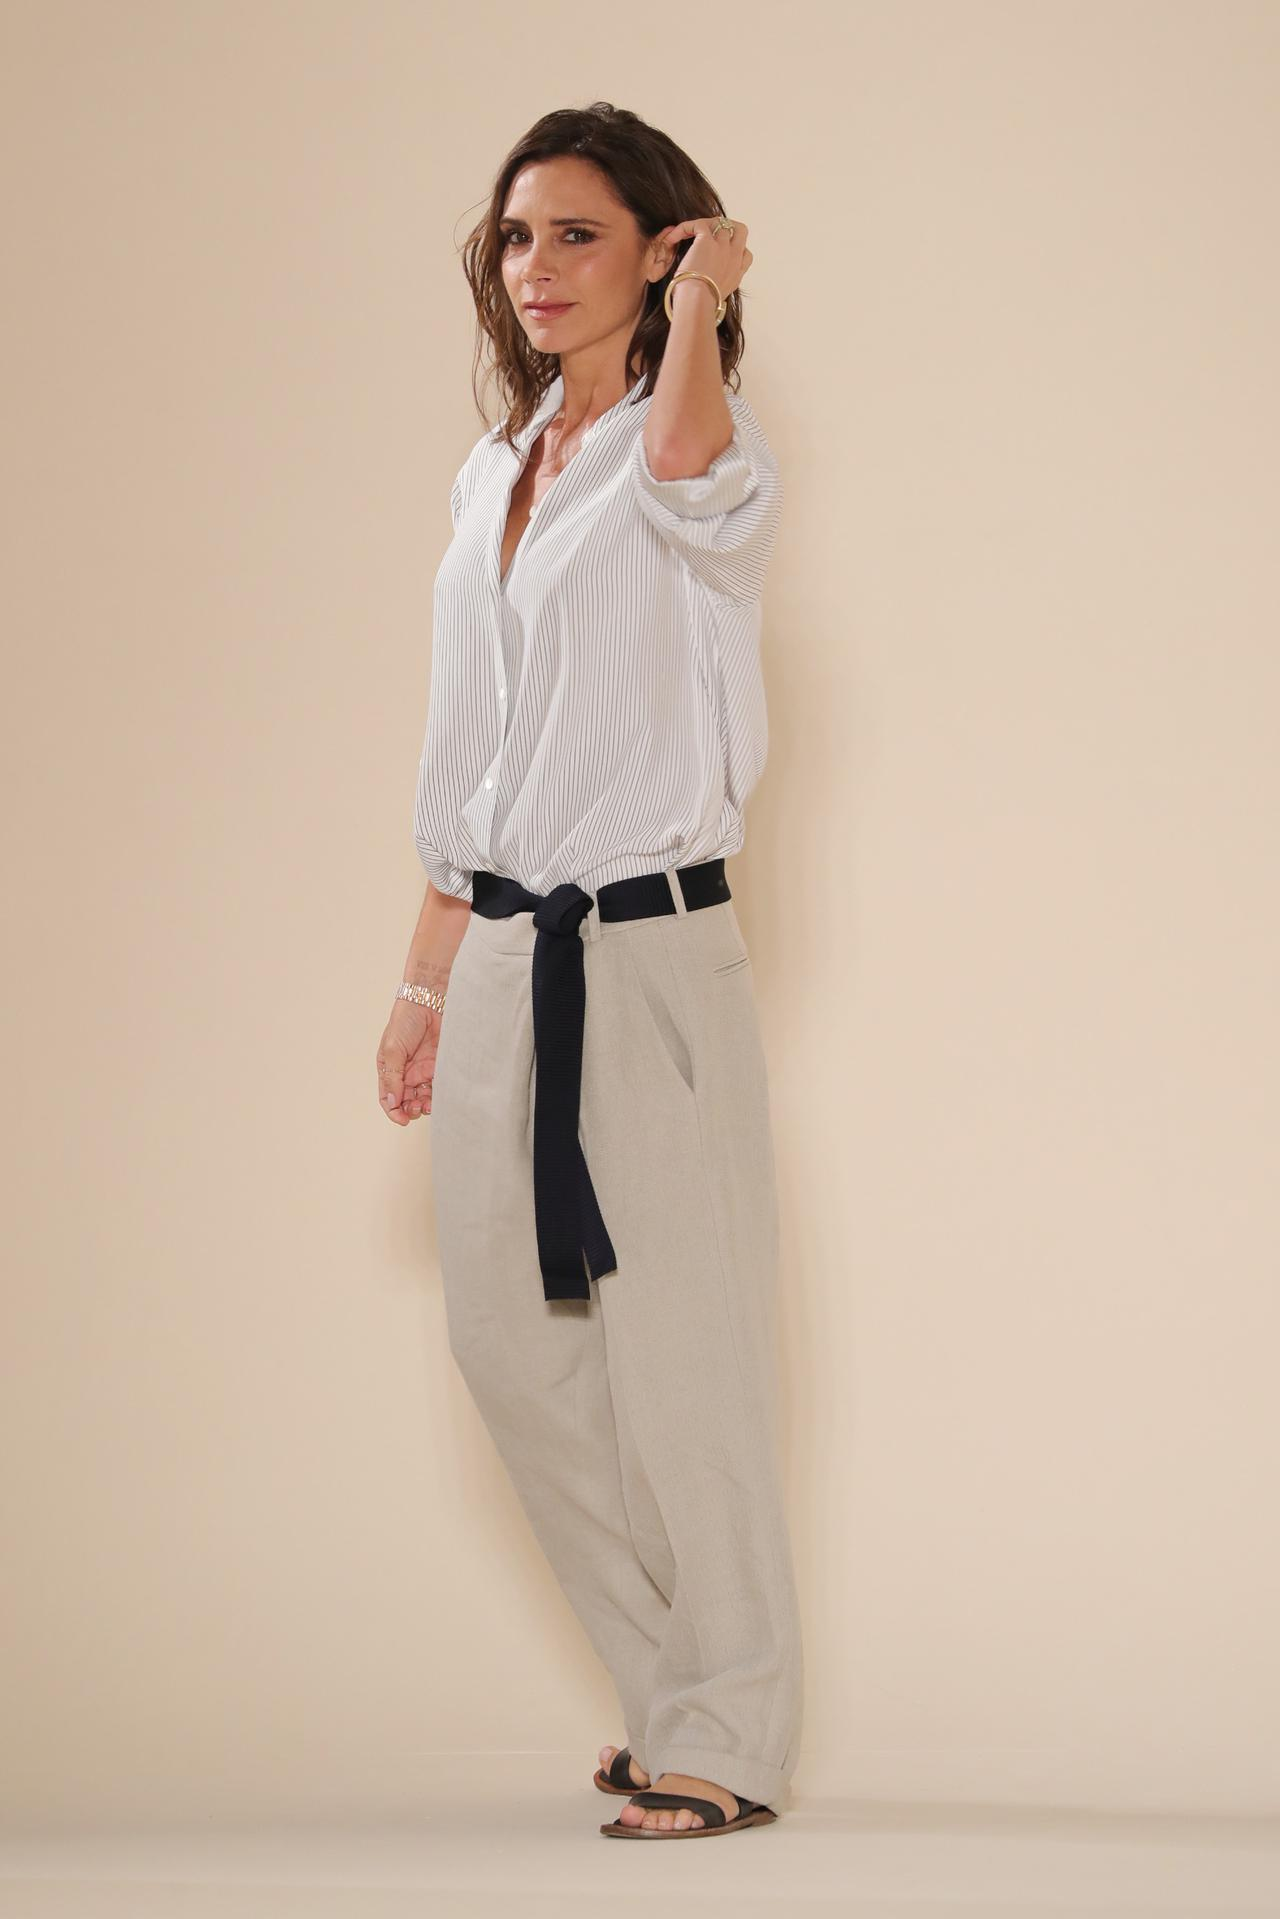 画像2: ヴィクトリア・ベッカム、ファッションの楽しみ方